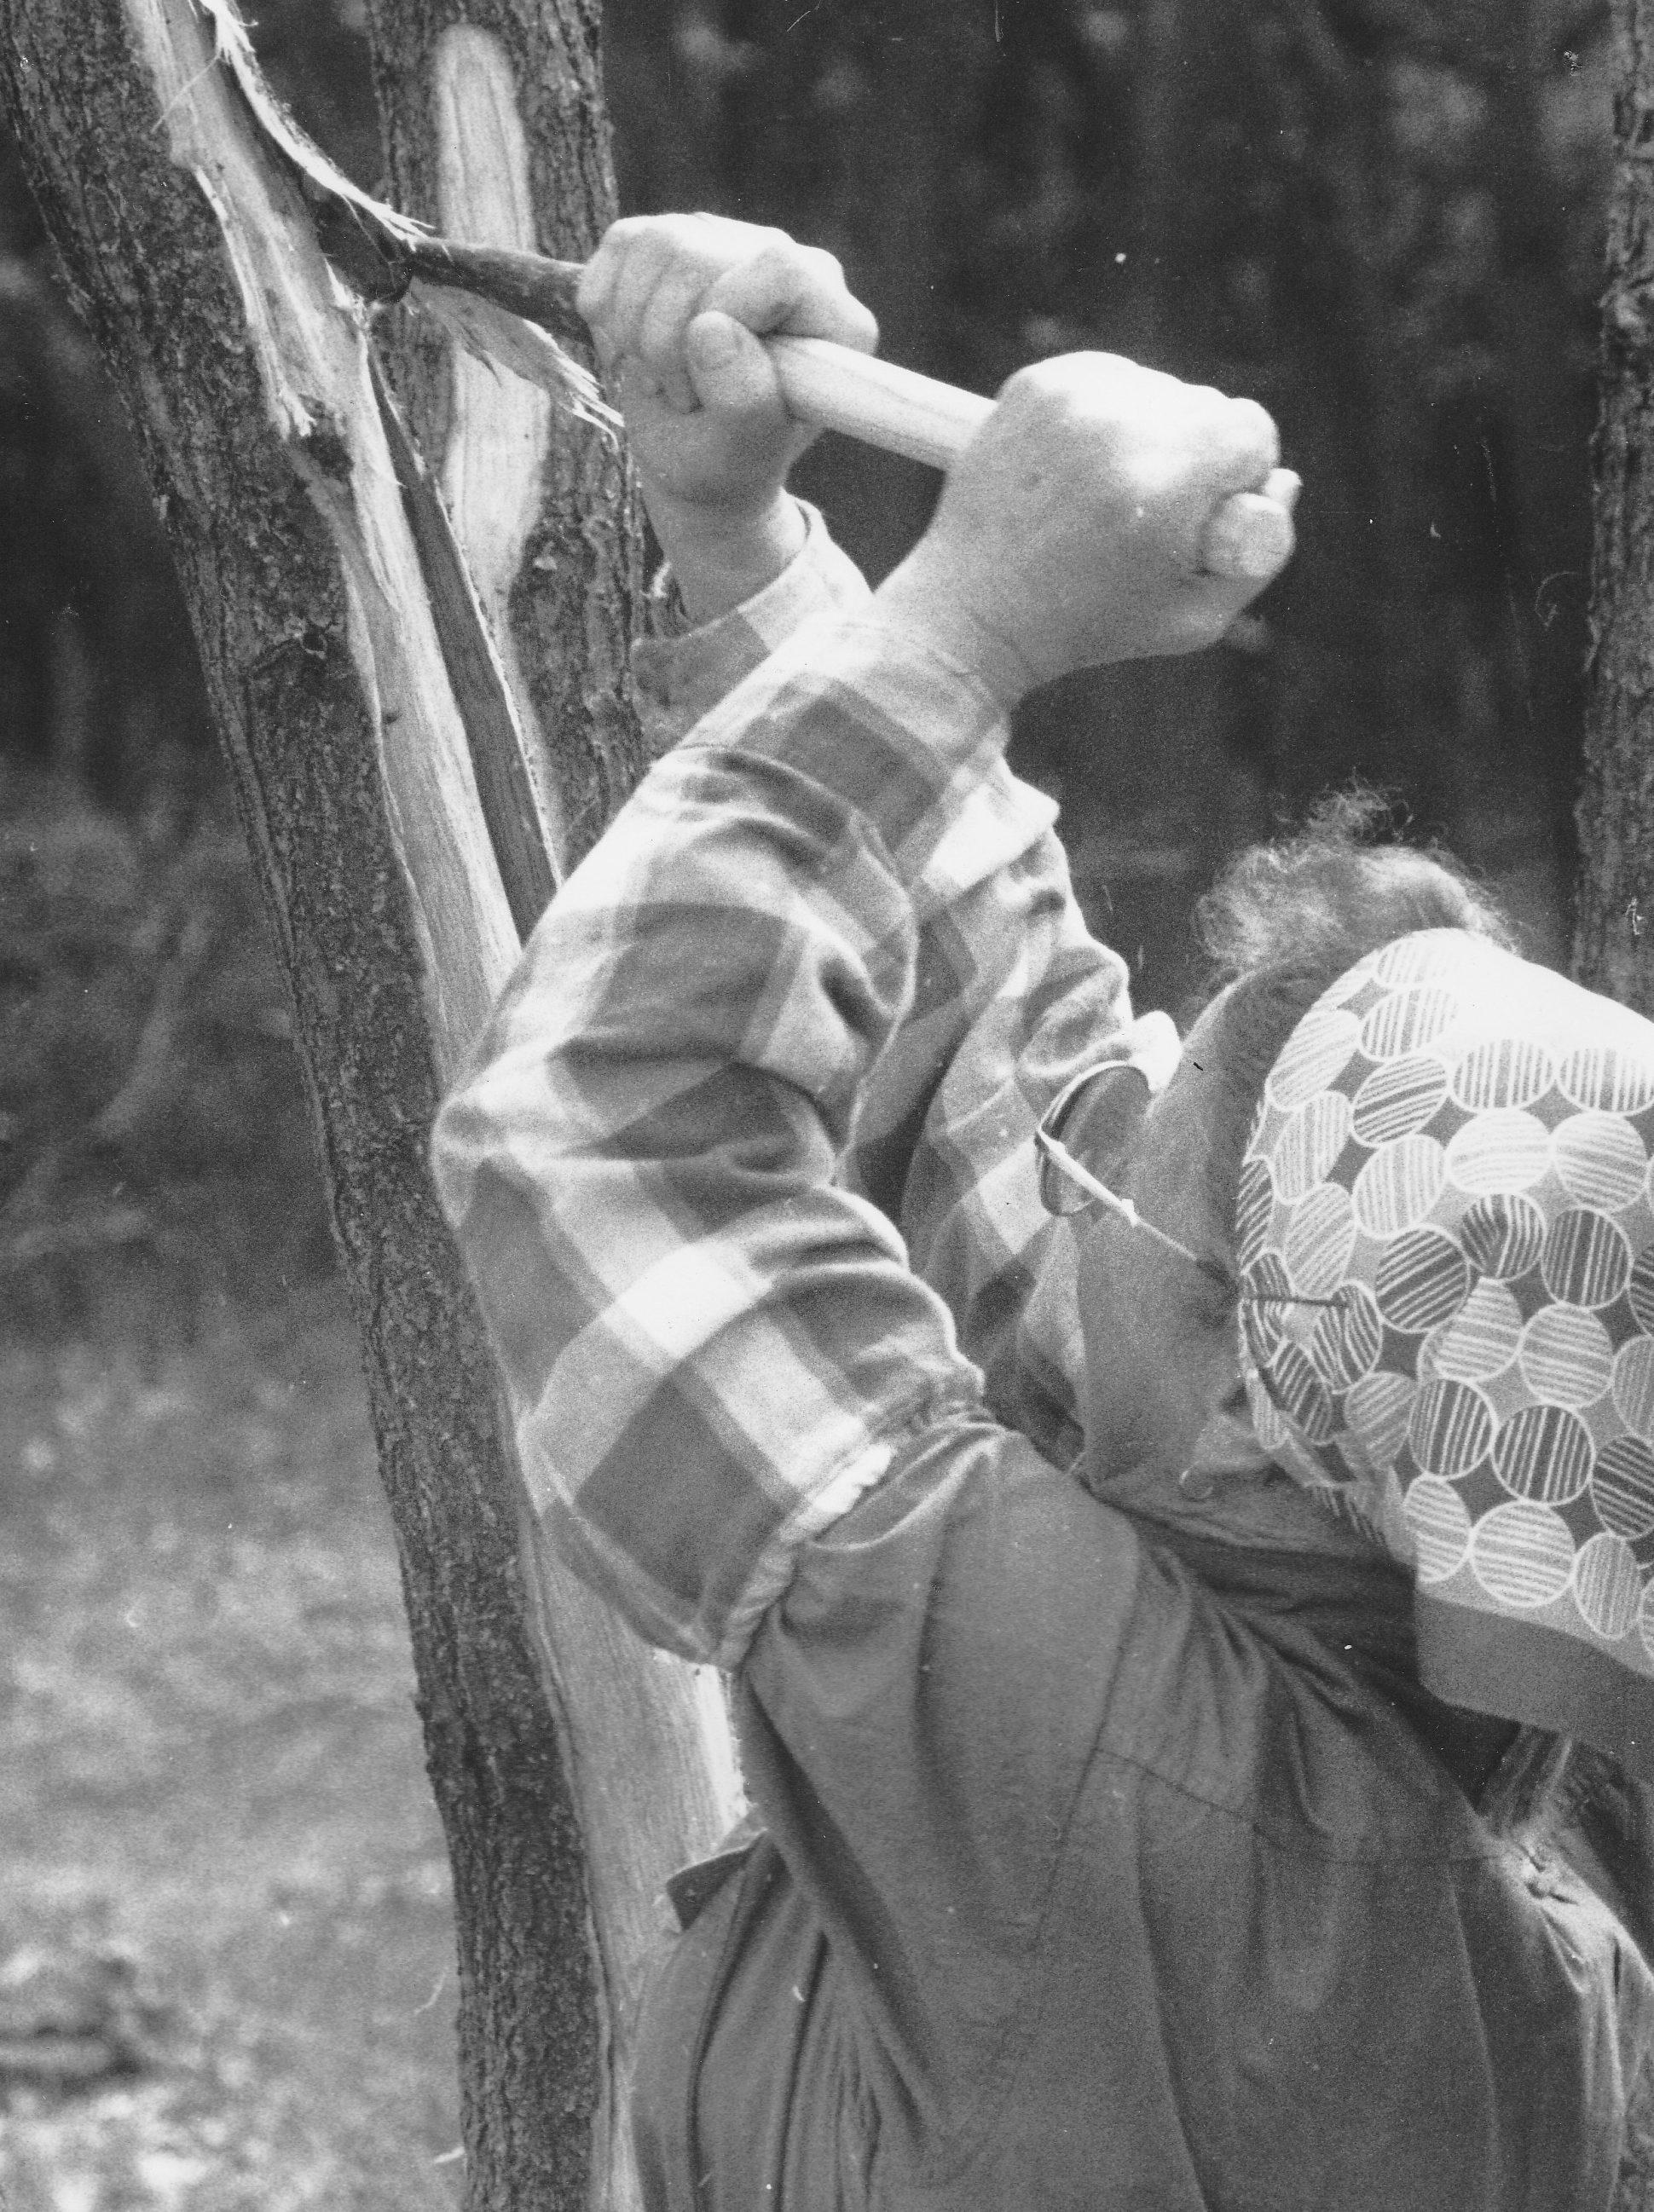 Eine Frau bearbeitet einen Baum. Mit einem speziellen Haubergswerkzeug schält sie die Rinde ab